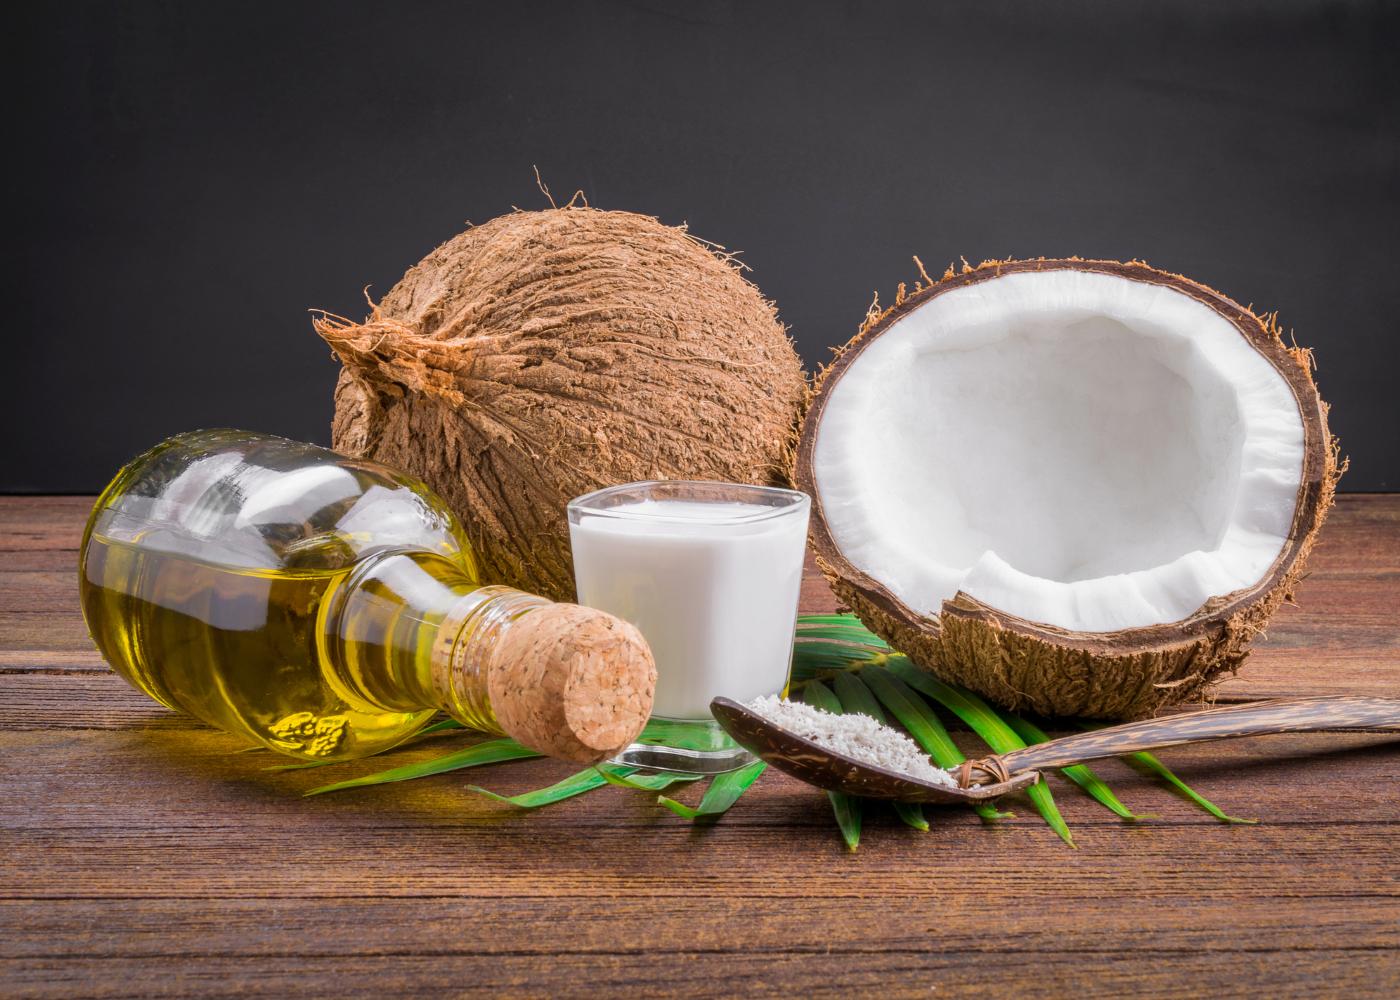 garrafa de azeite e oleo de coco oleo de coco e azeite